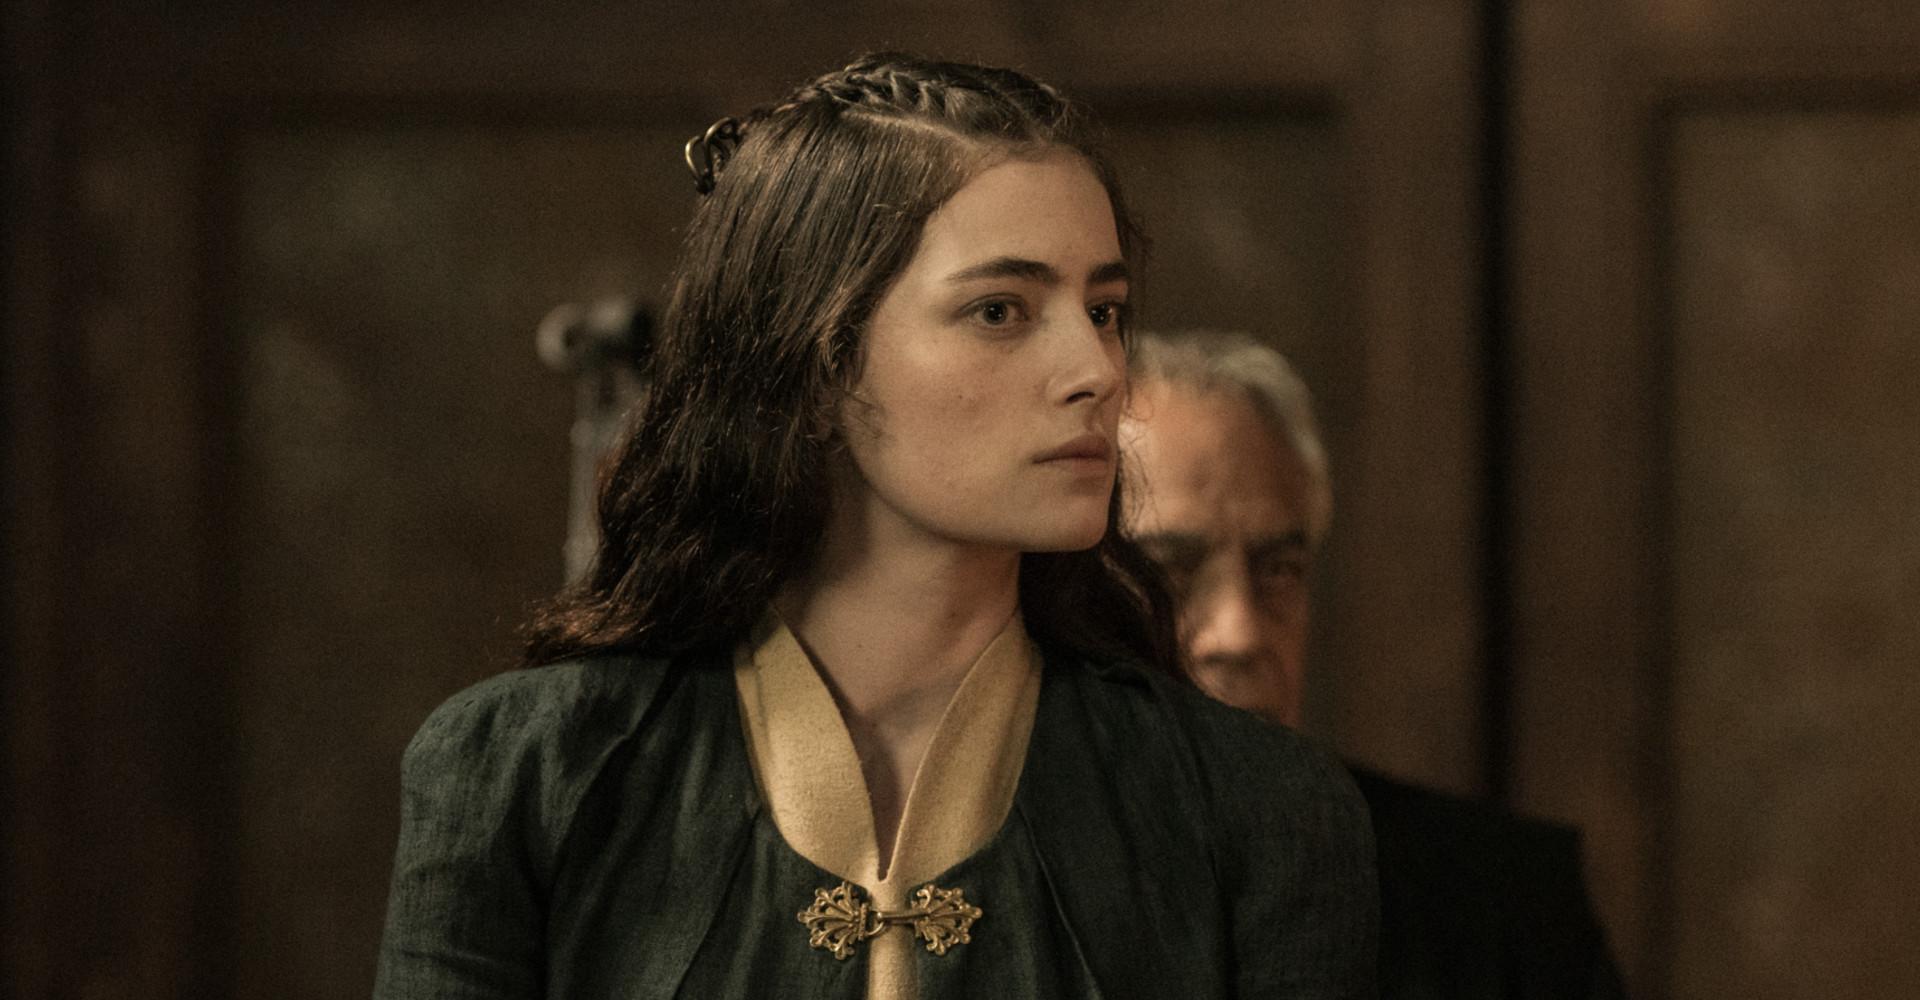 Millie Brady in The Last Kingdom